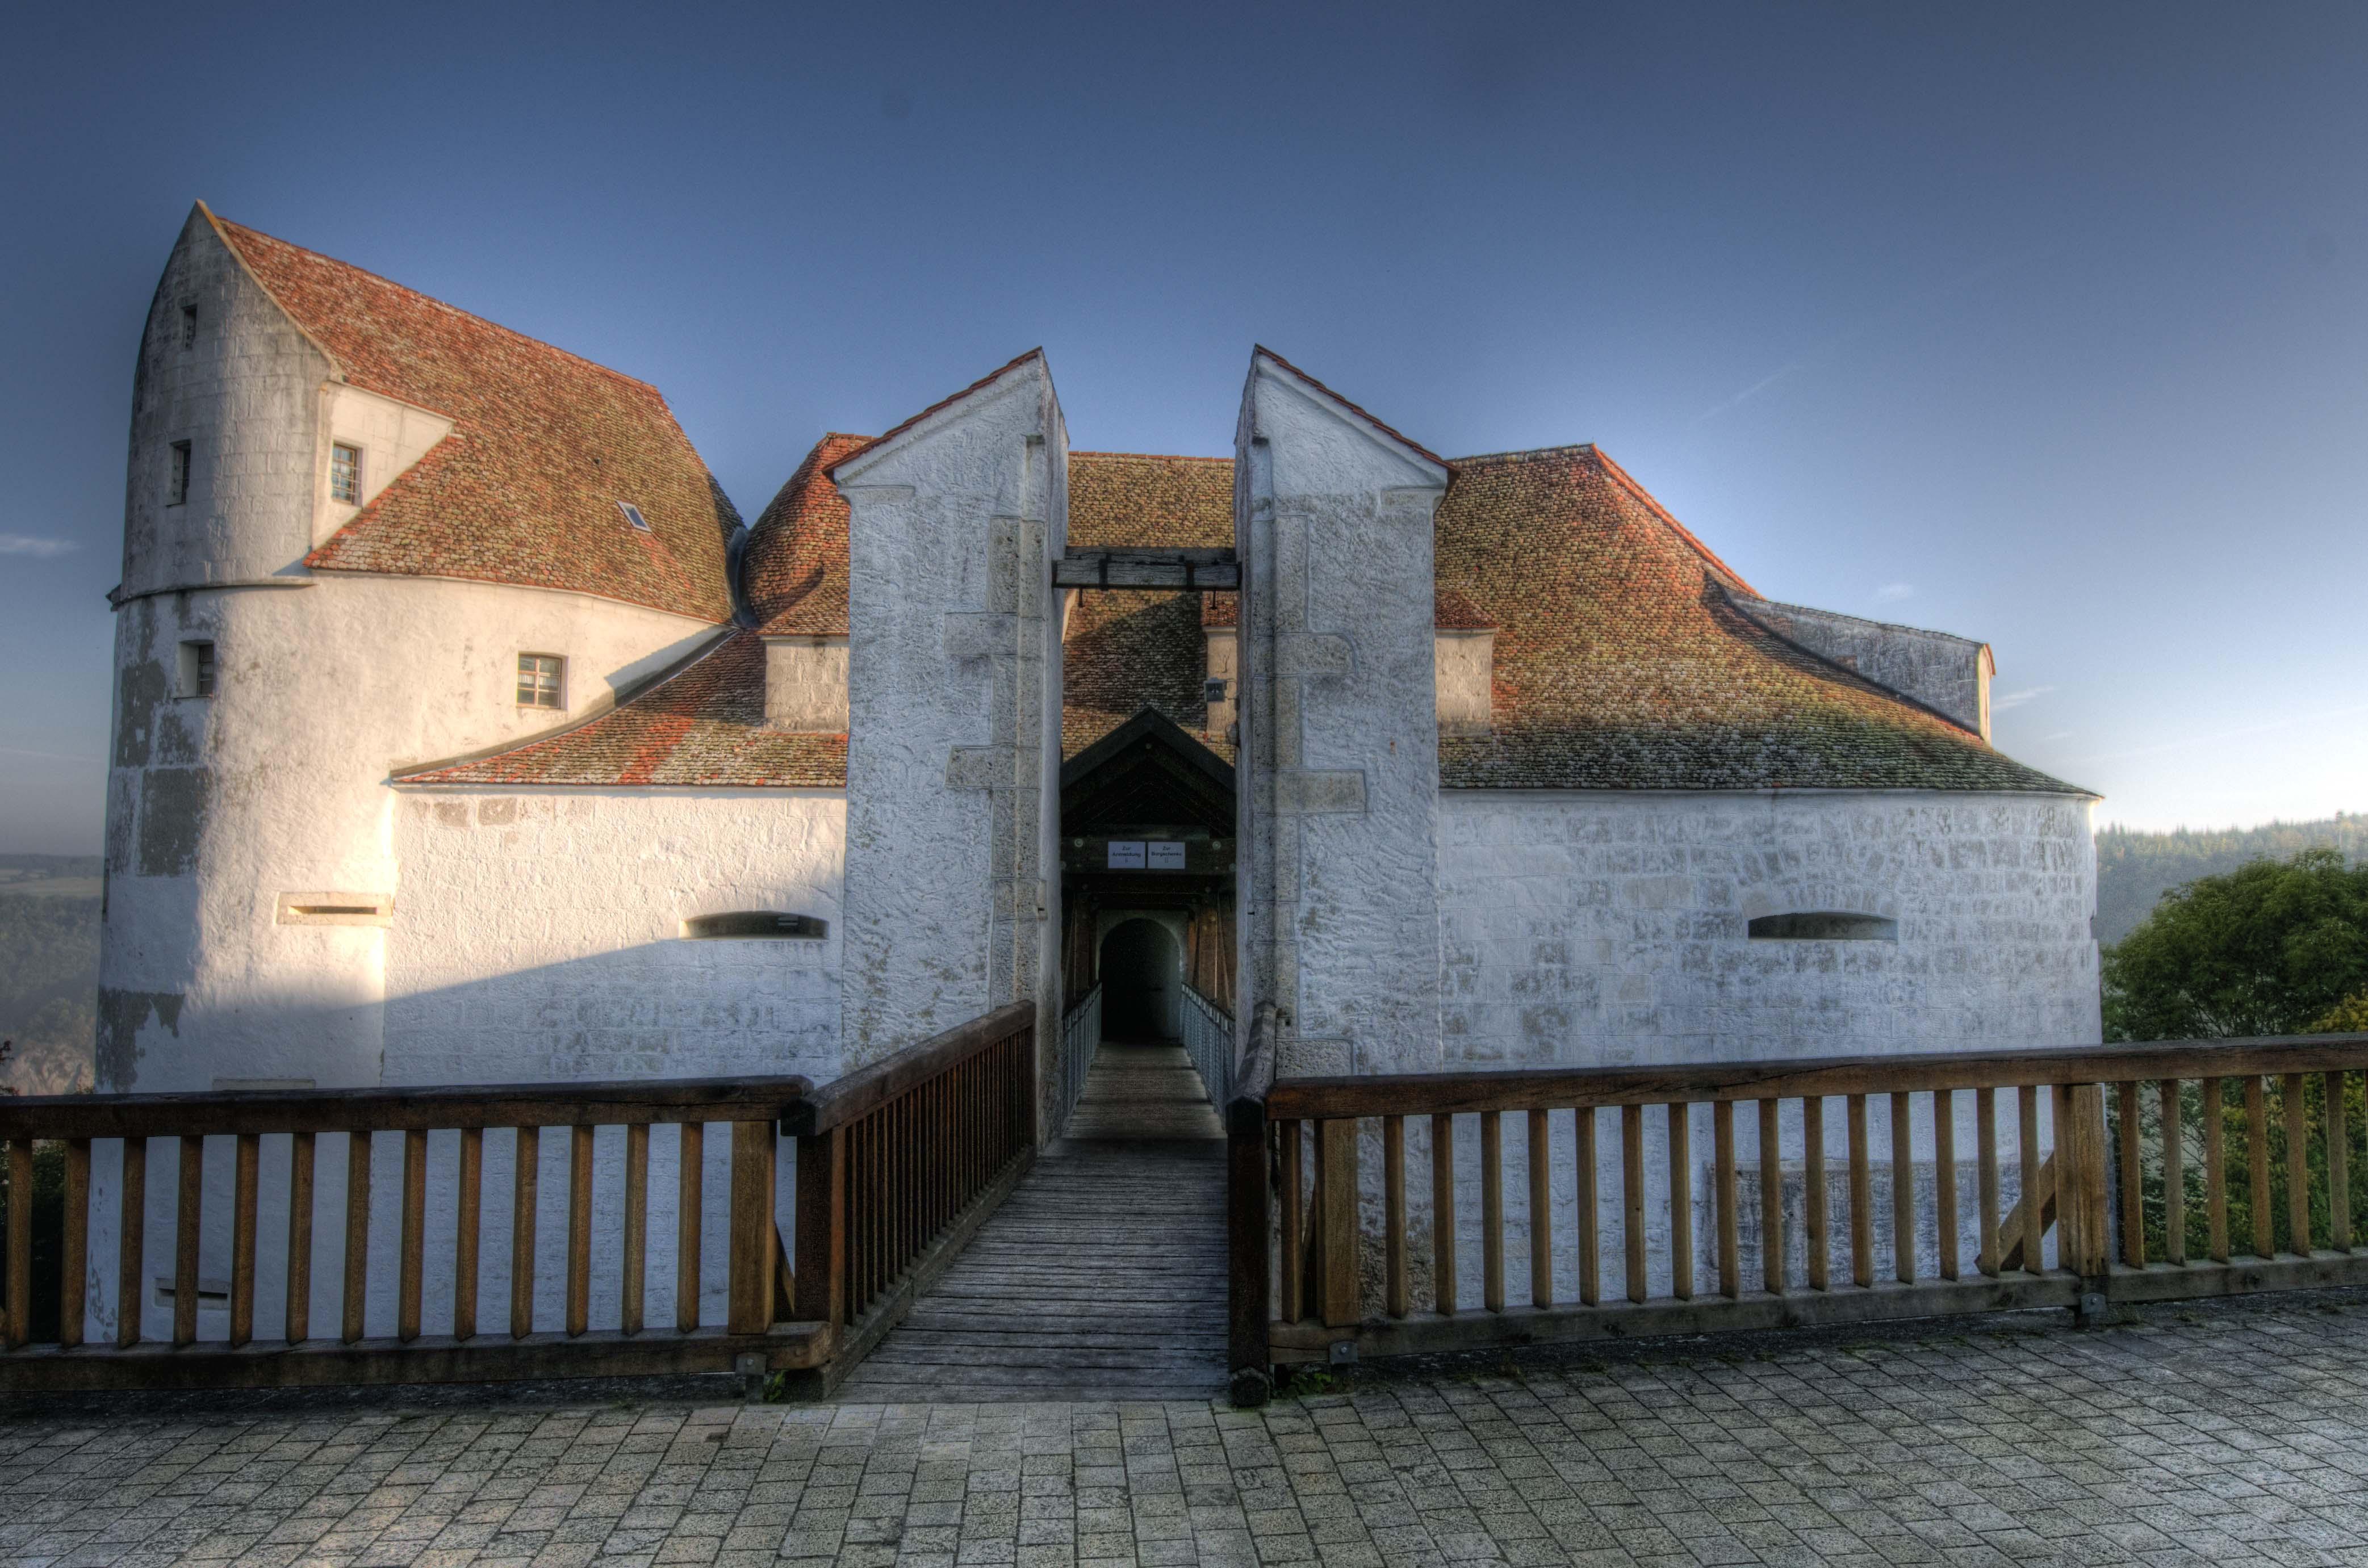 DJH Jugendherberge Burg Wildenstein